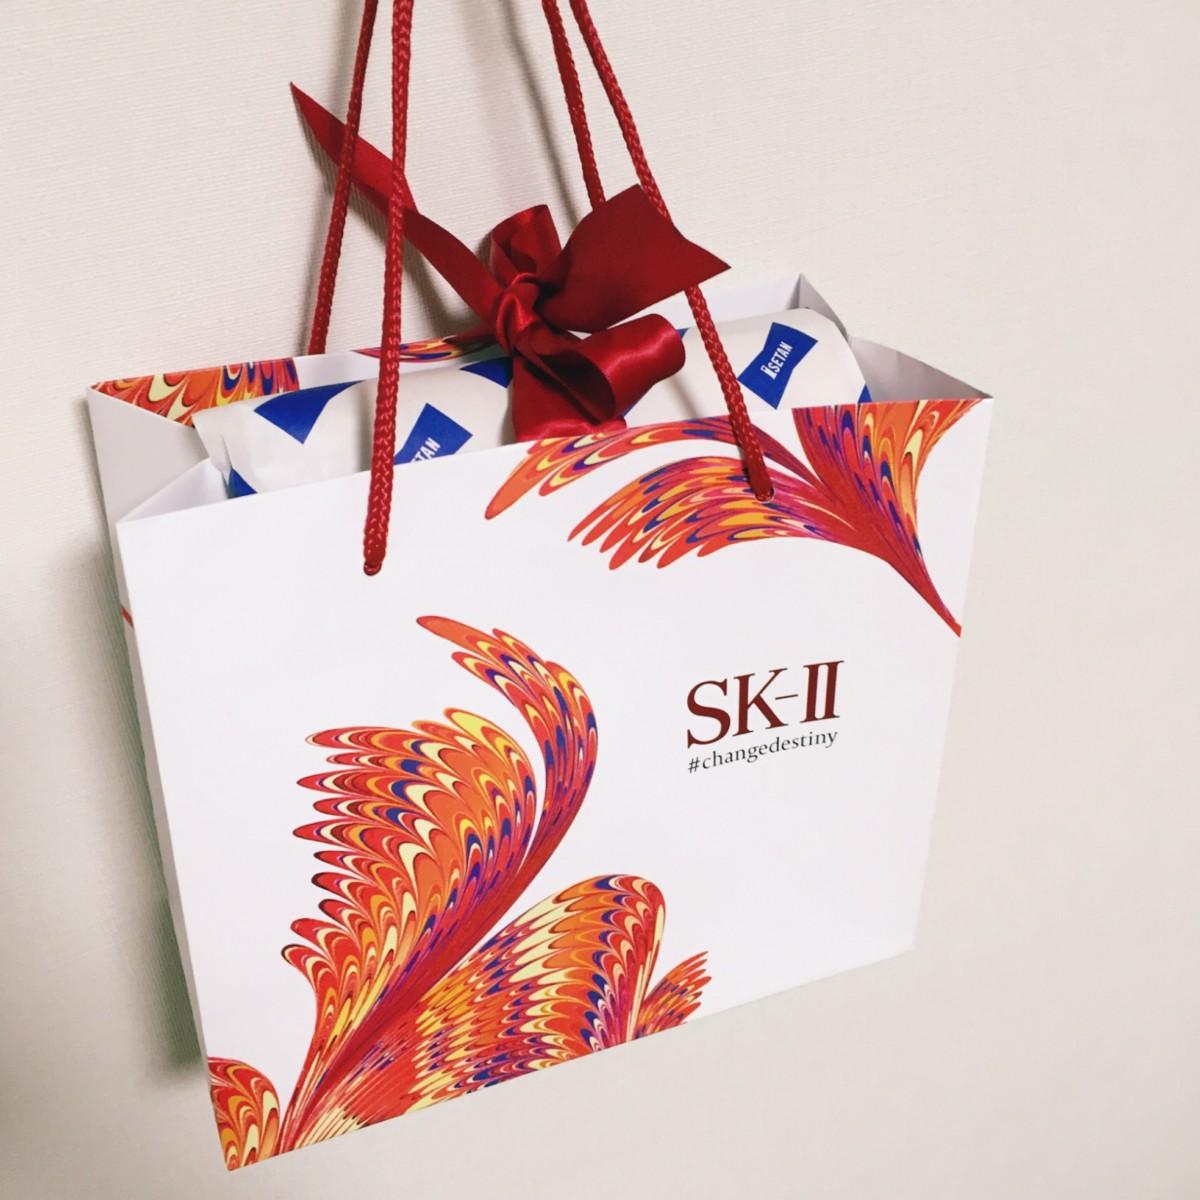 わたしのクリスマスコフレ第一弾はSK-II♡